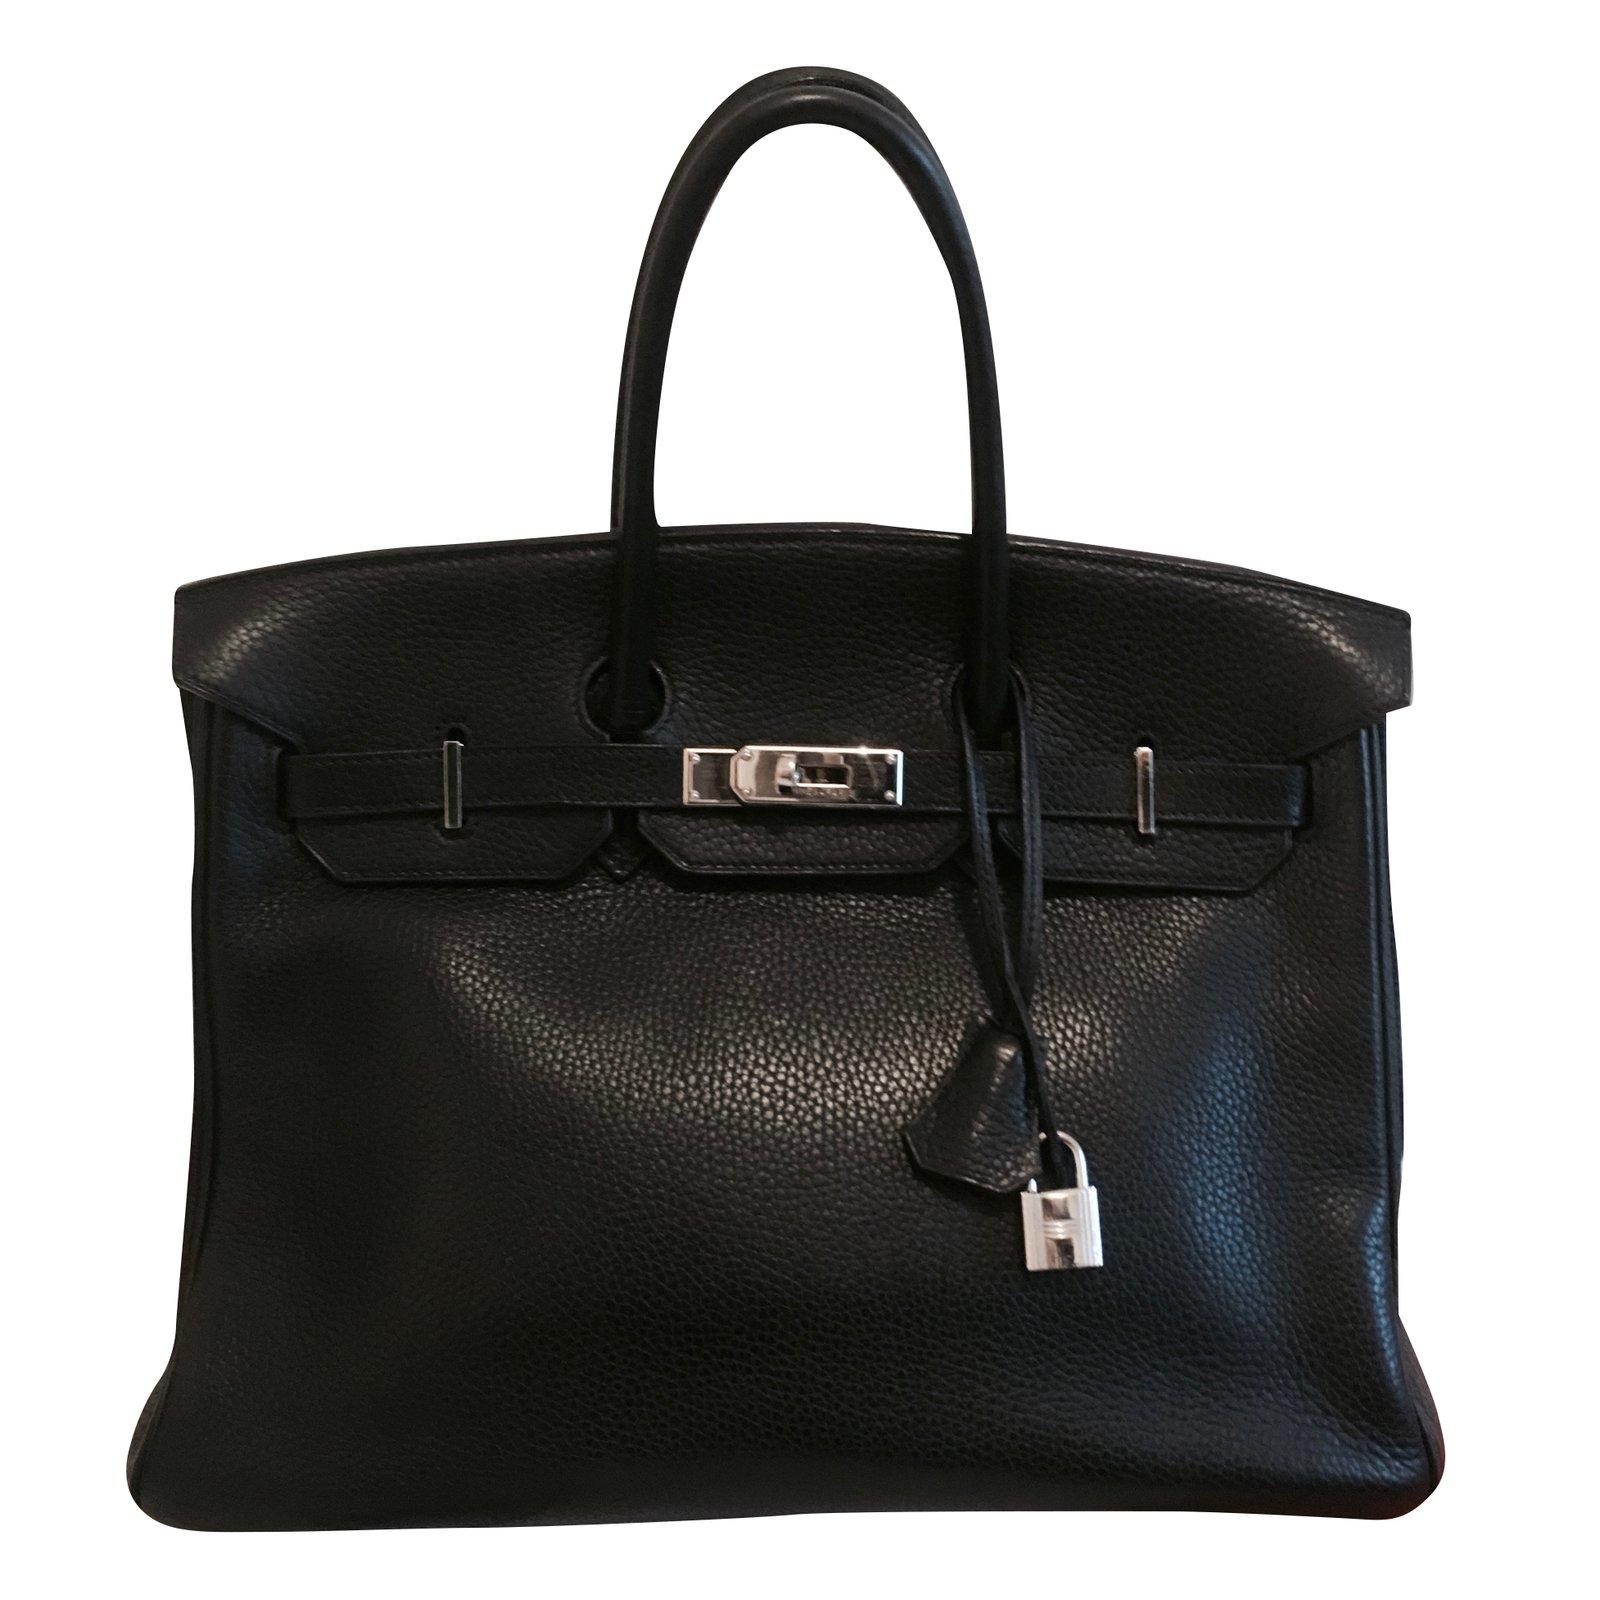 a09f5e60c8fe Sacs à main Hermès Sac HERMES Birkin cuir Togo noir 35 cm Cuir Noir ref.